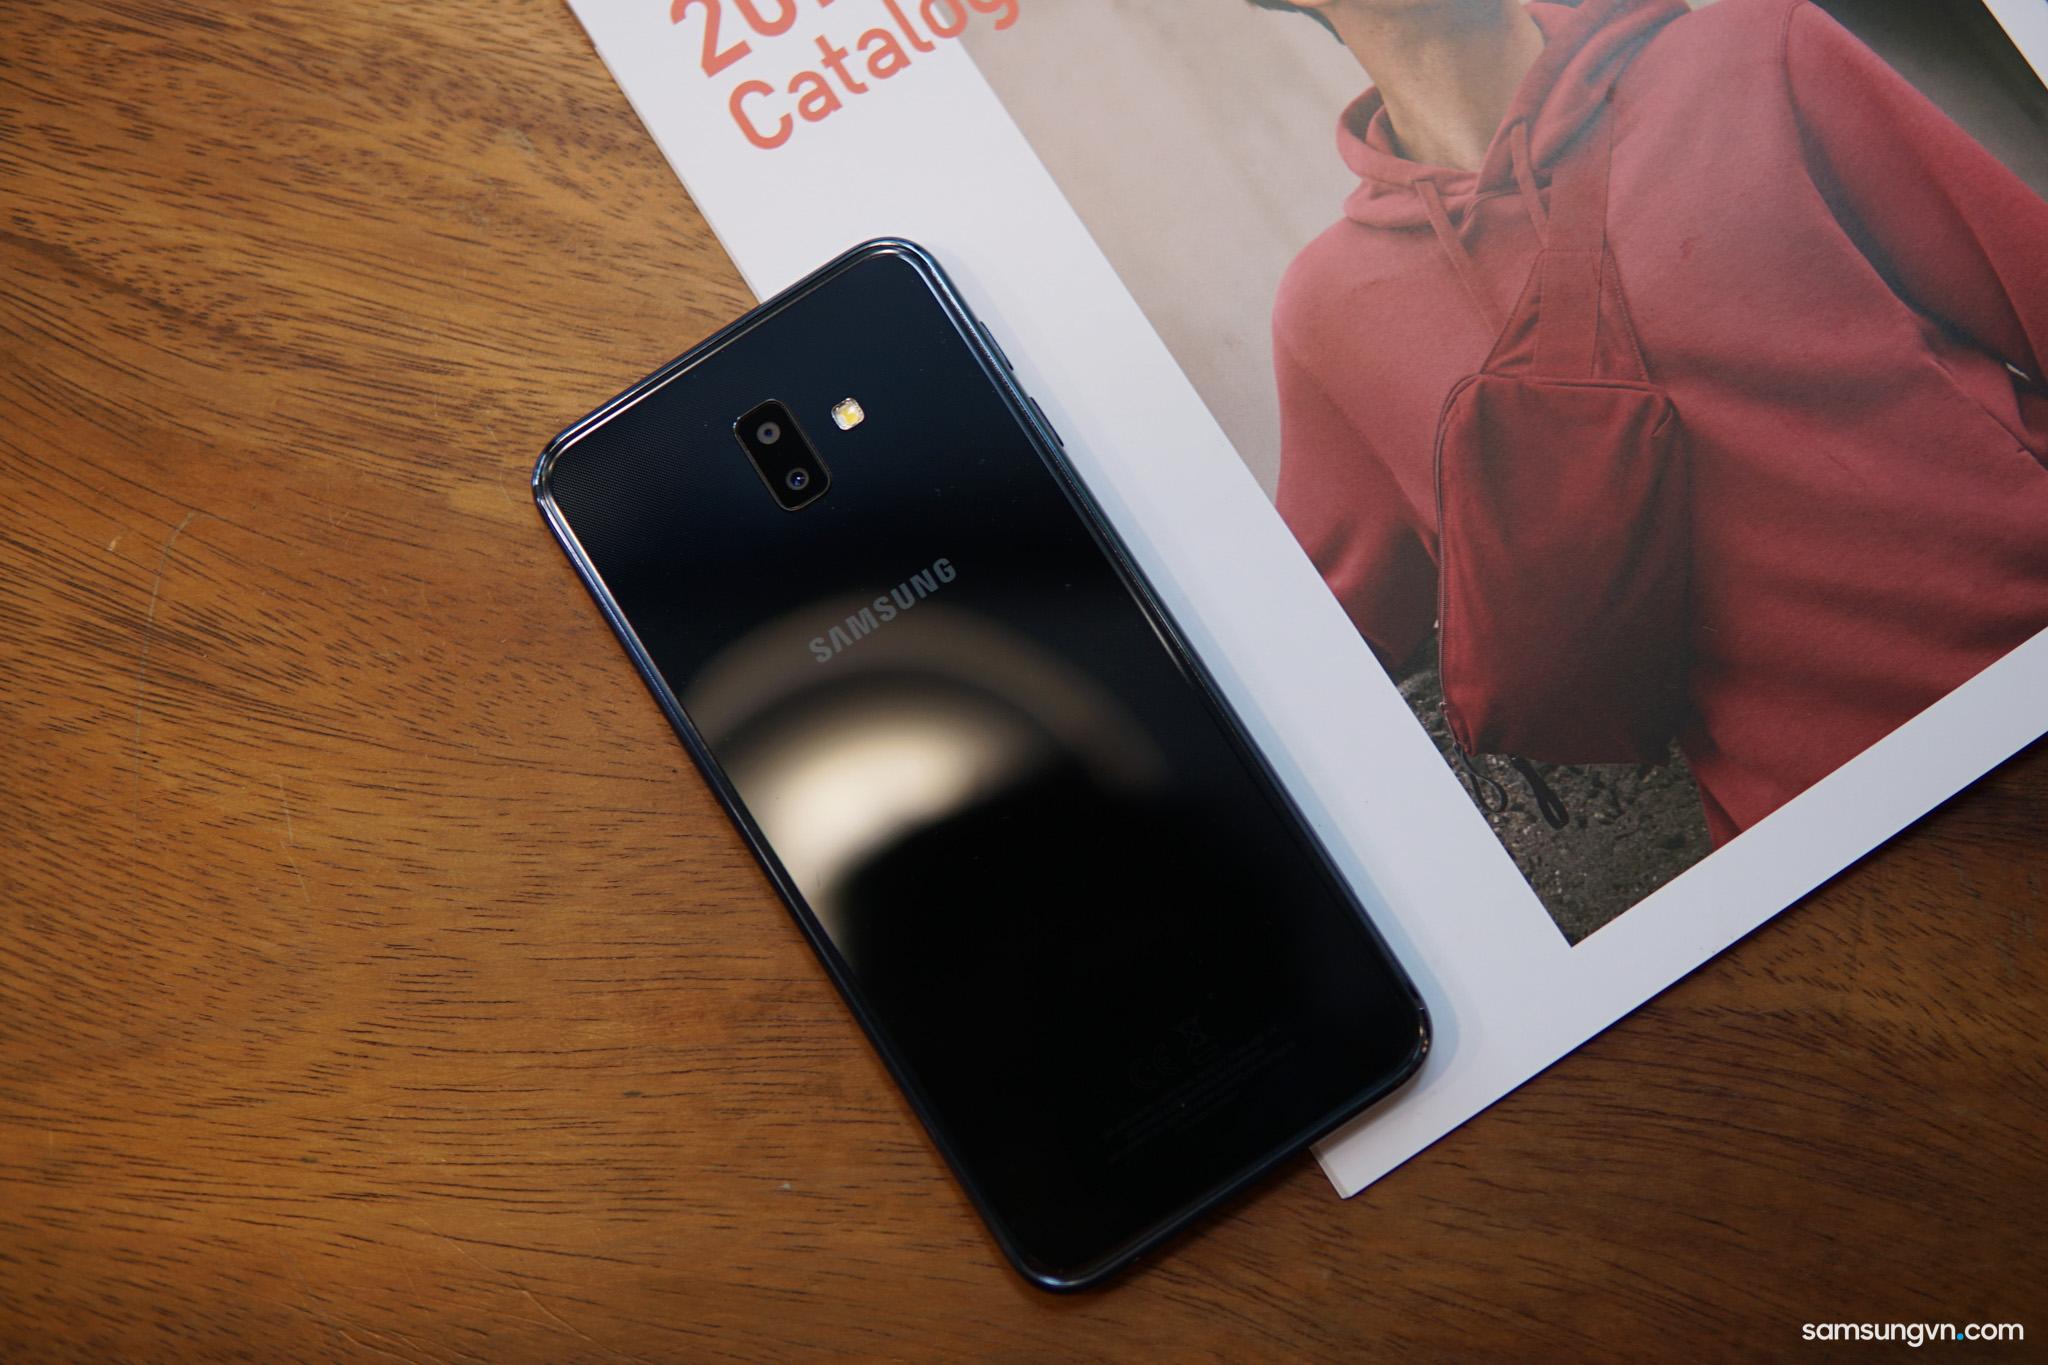 Đánh giá Galaxy J6+: thiết kế đẹp, màn hình tràn viền, camera kép tốt nhất trong phân khúc giá